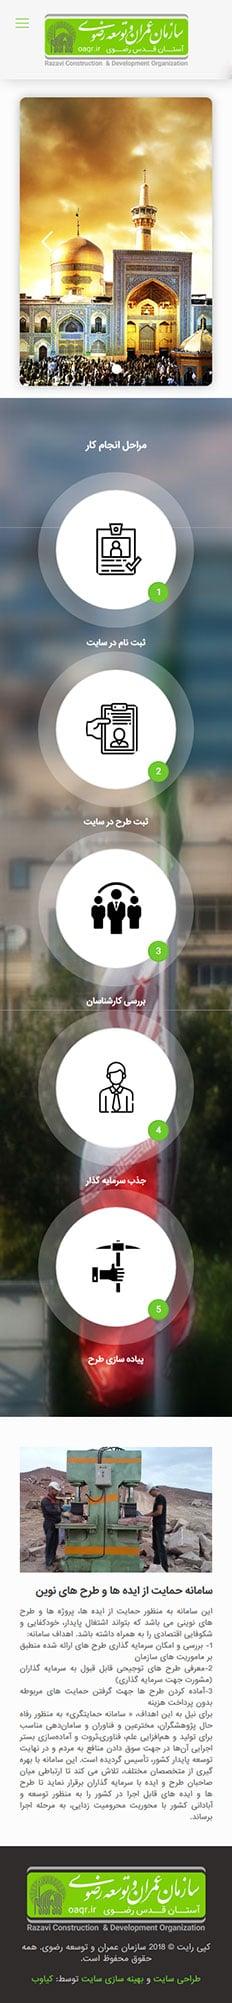 طراحی سایت مشهد, طراحی سایت سازمانی مشهد